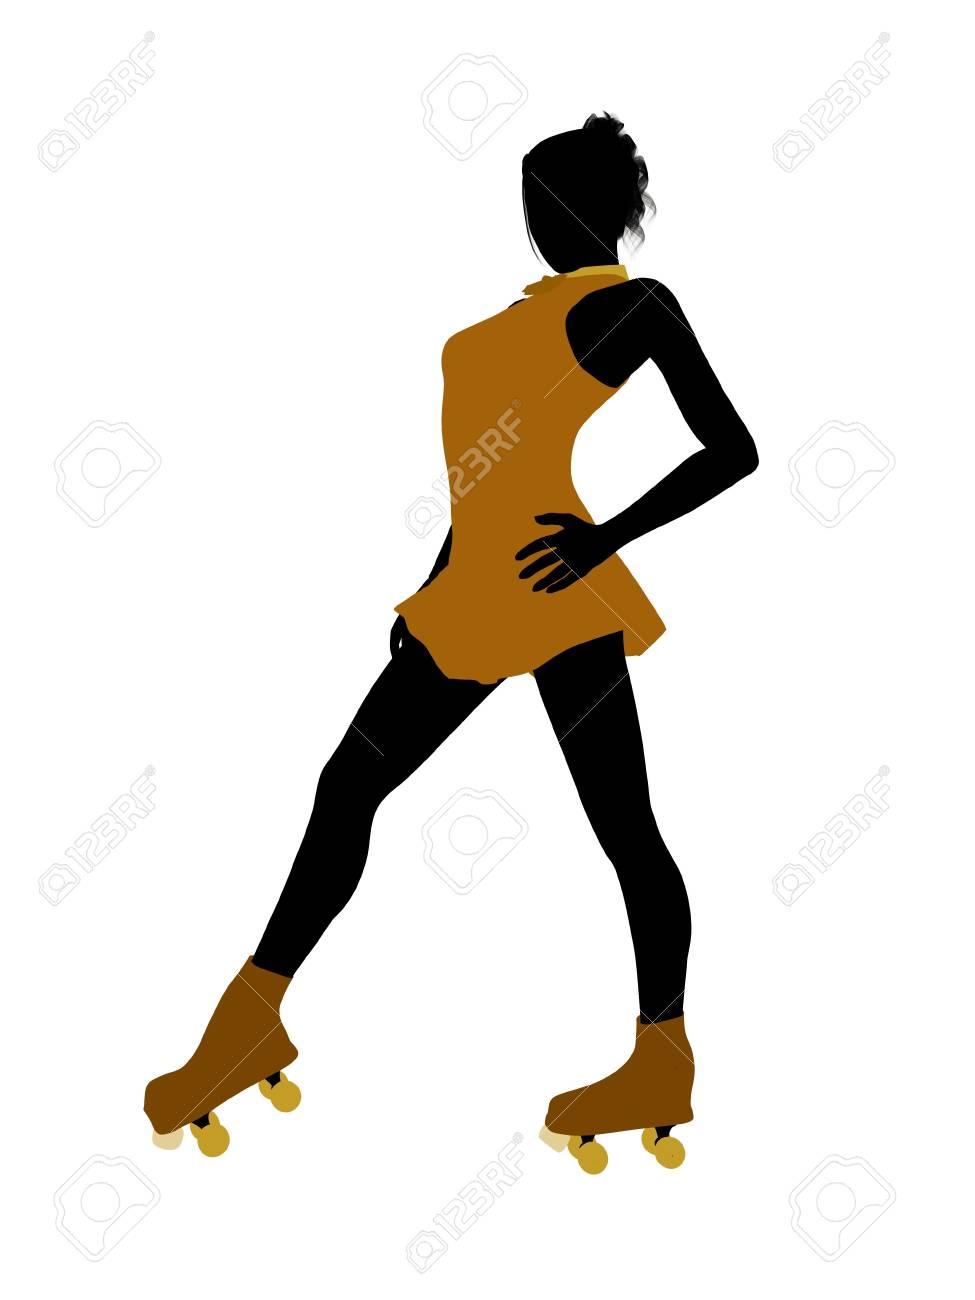 Female roller skater illustration silhouette on a white background Stock Photo - 7392796